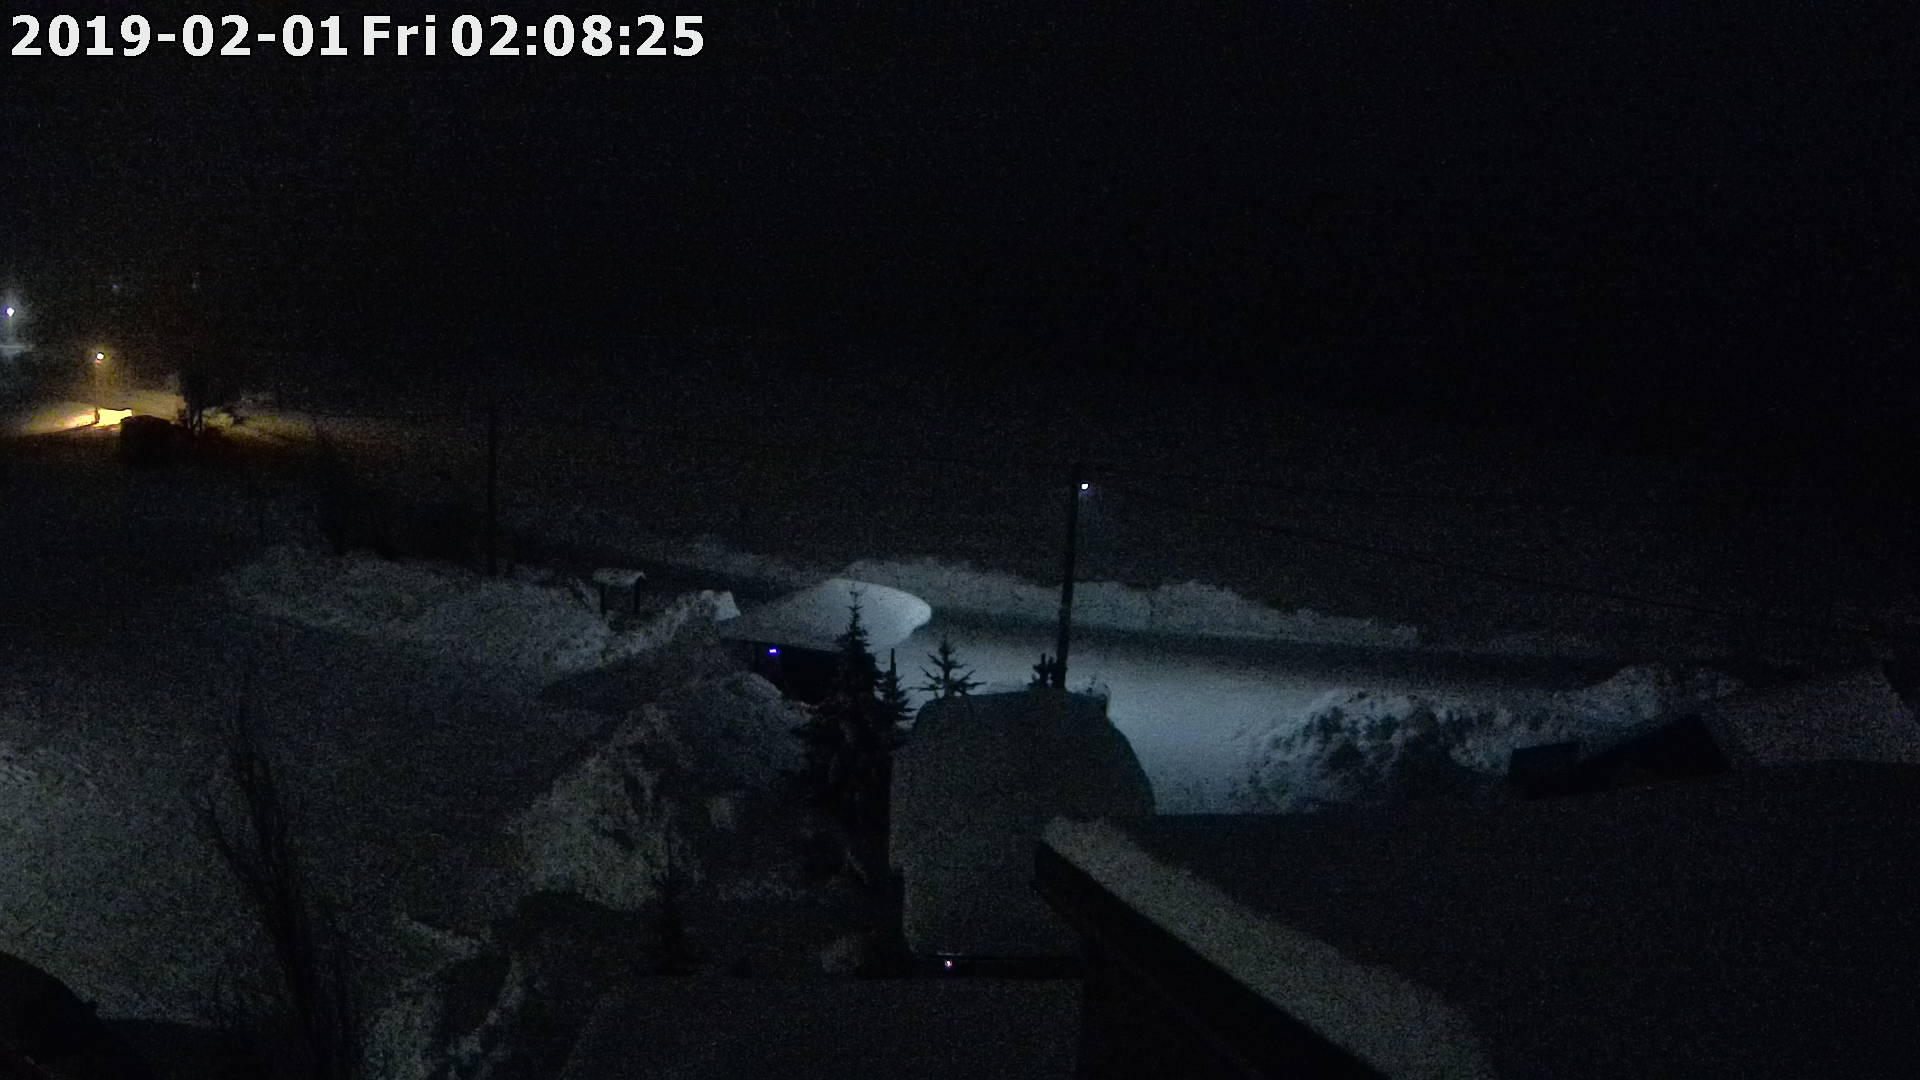 Webkamera ze dne 2019-02-01